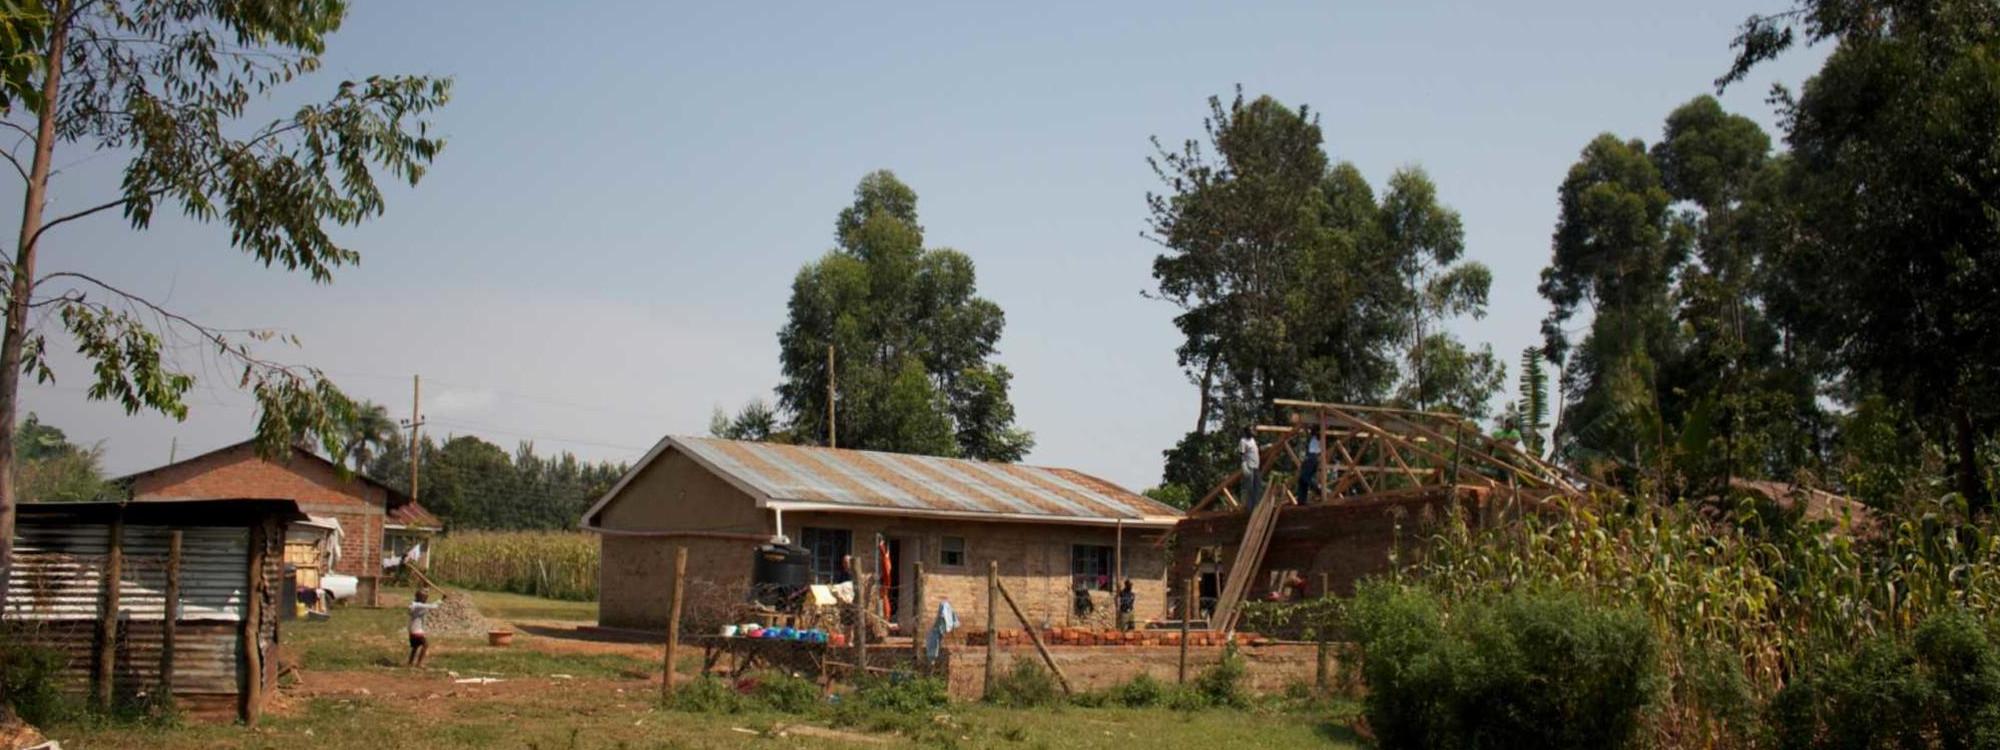 Indangalasia Community